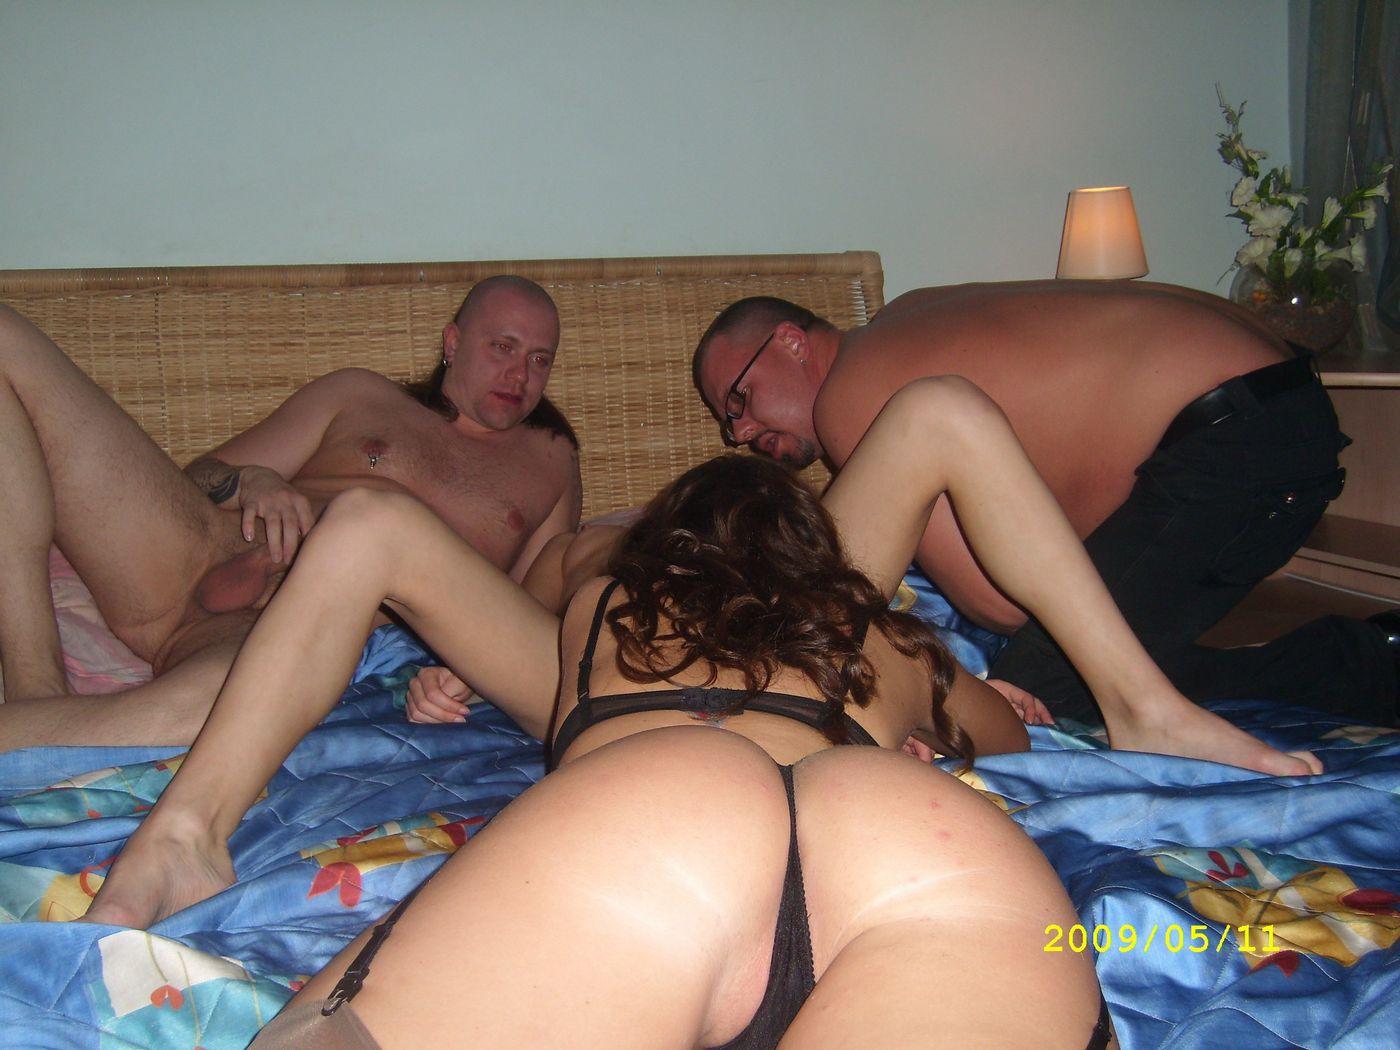 Секс как развлекаются молодые жены, Порно видео жены, мужья трахают жен, супружеский 23 фотография